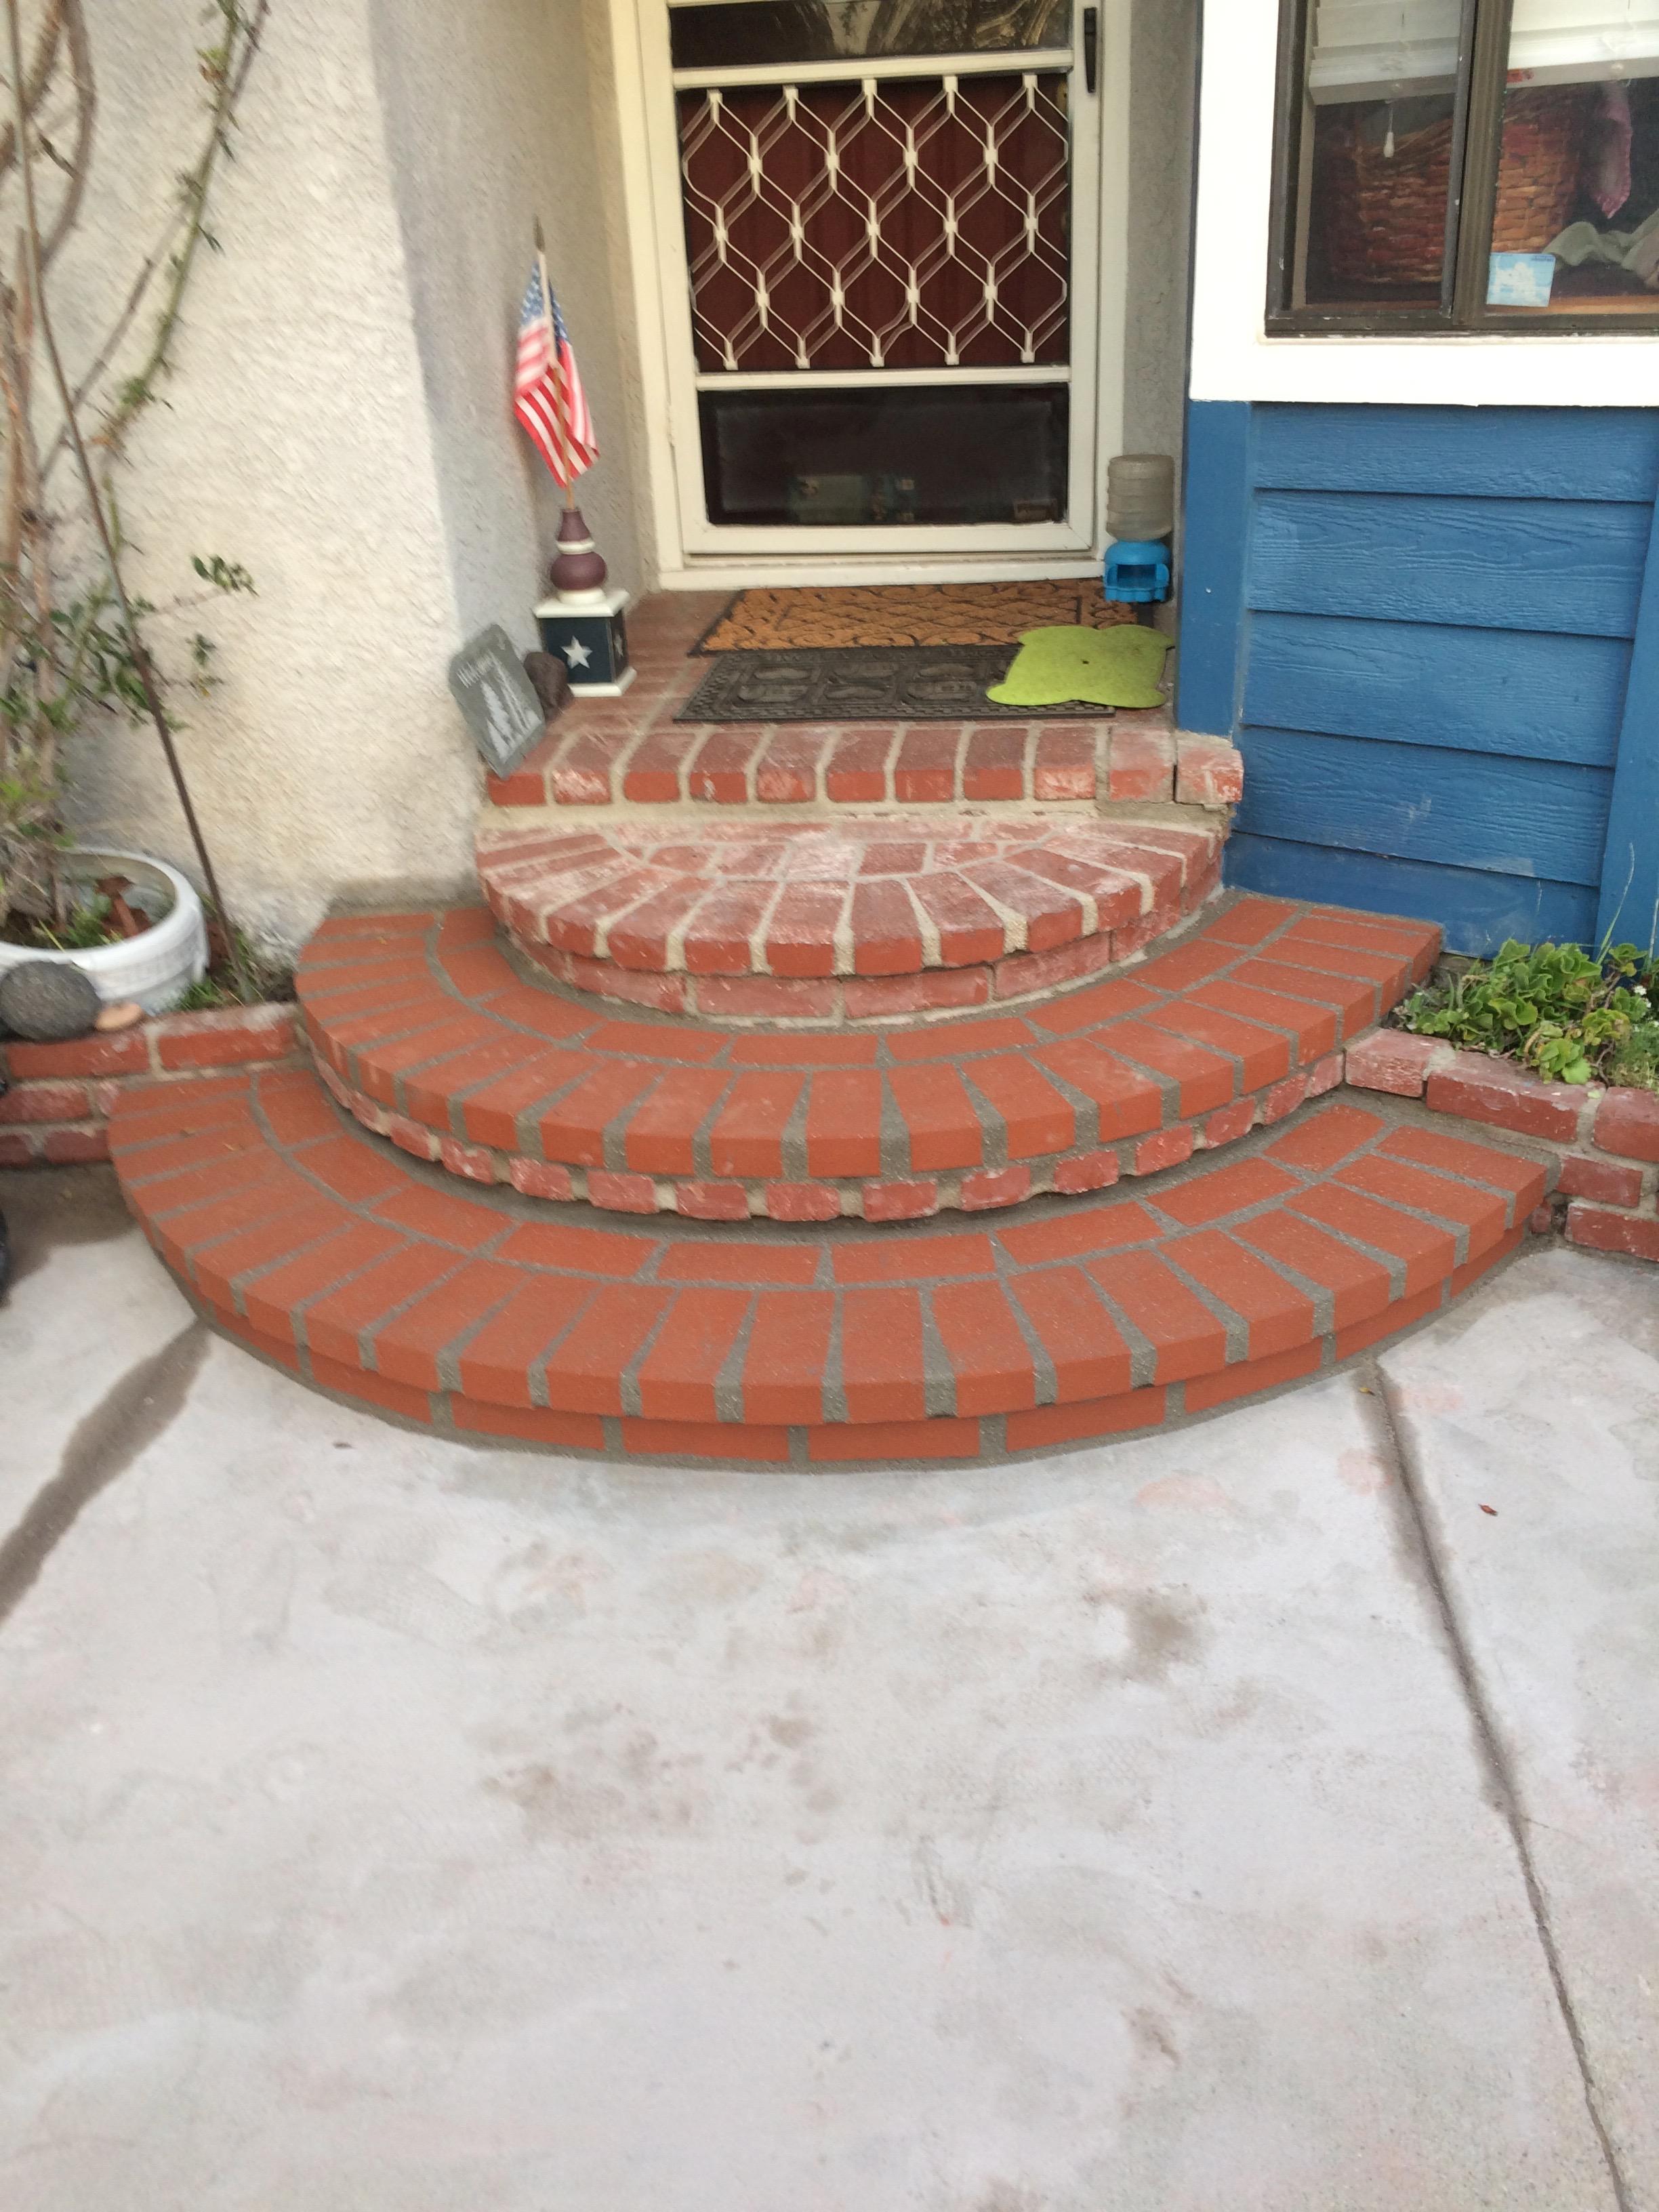 Brick porch